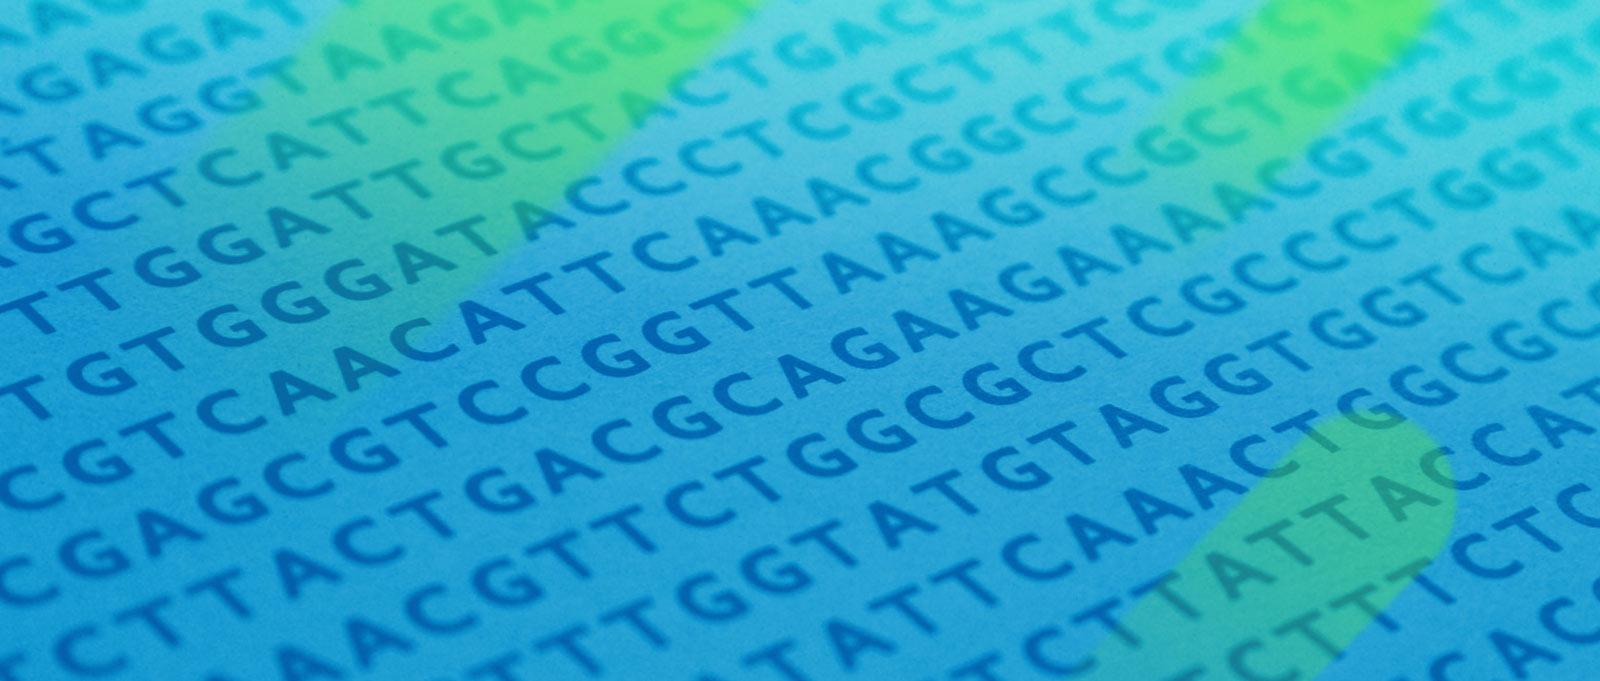 结核分枝杆菌全基因组测序